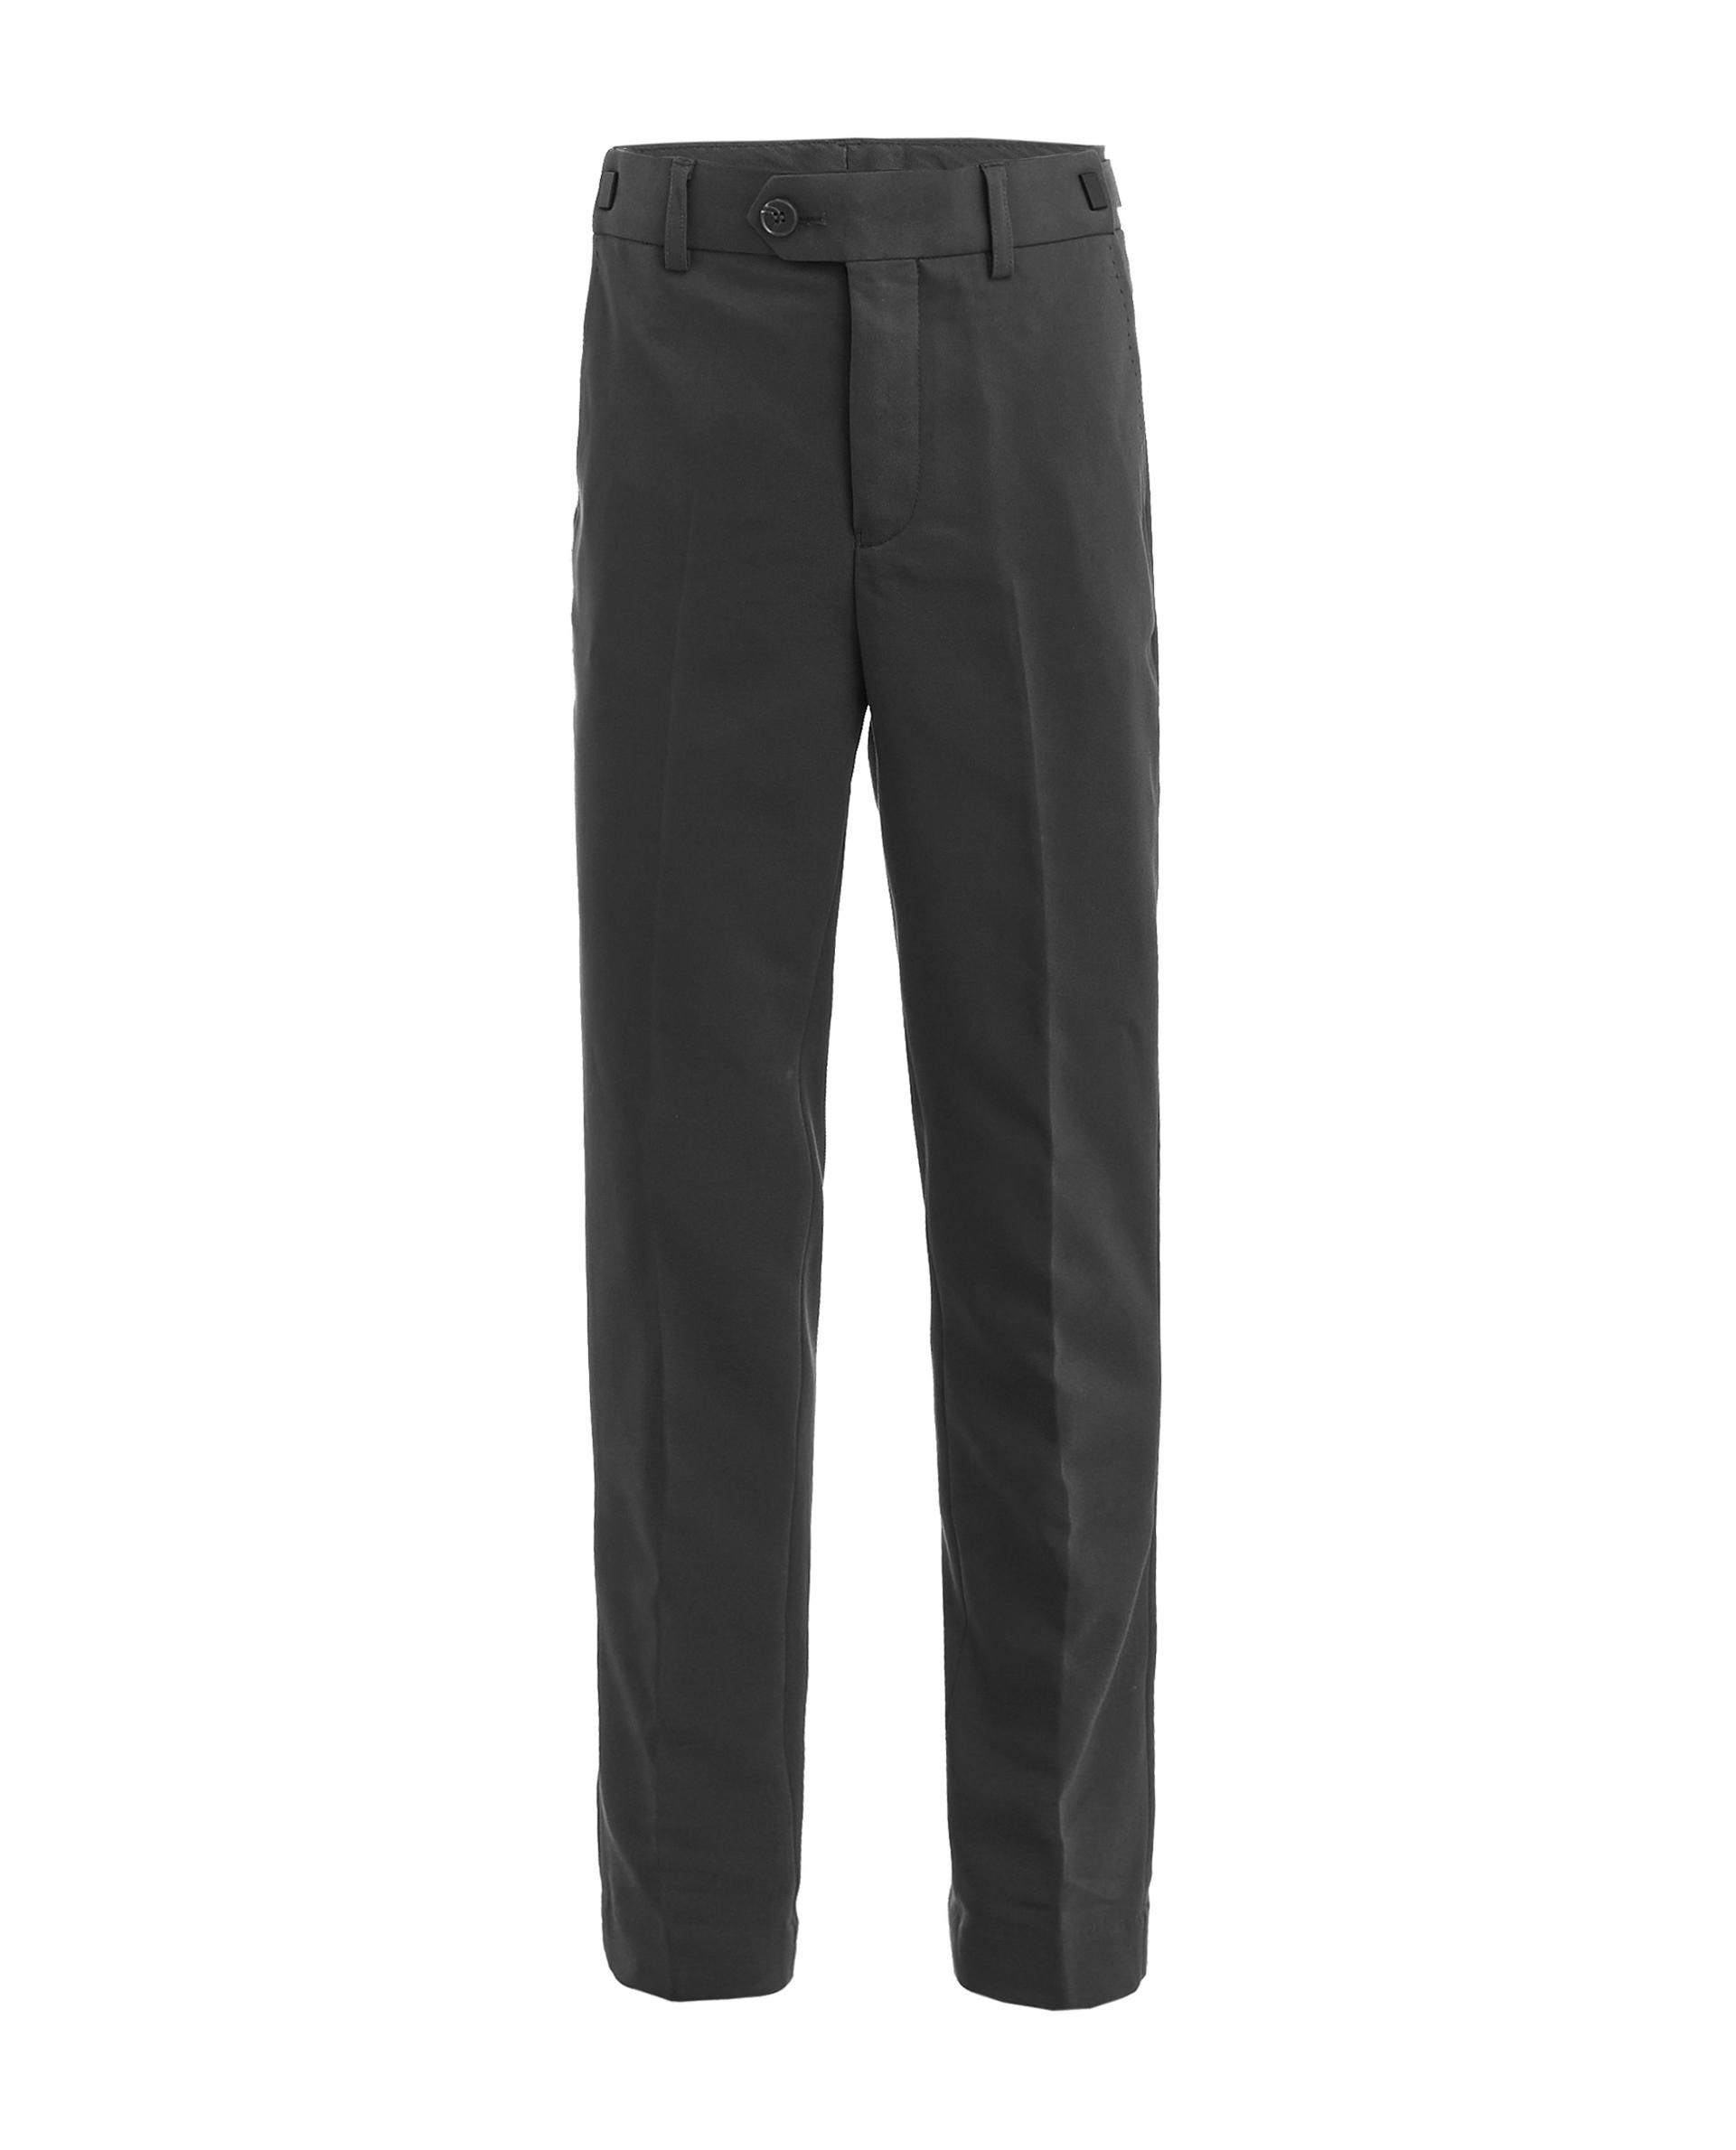 Купить 219GSBC6305, Серые брюки Gulliver, серый, 170, Мужской, ШКОЛЬНАЯ ФОРМА 2019-2020 (shop: GulliverMarket Gulliver Market)